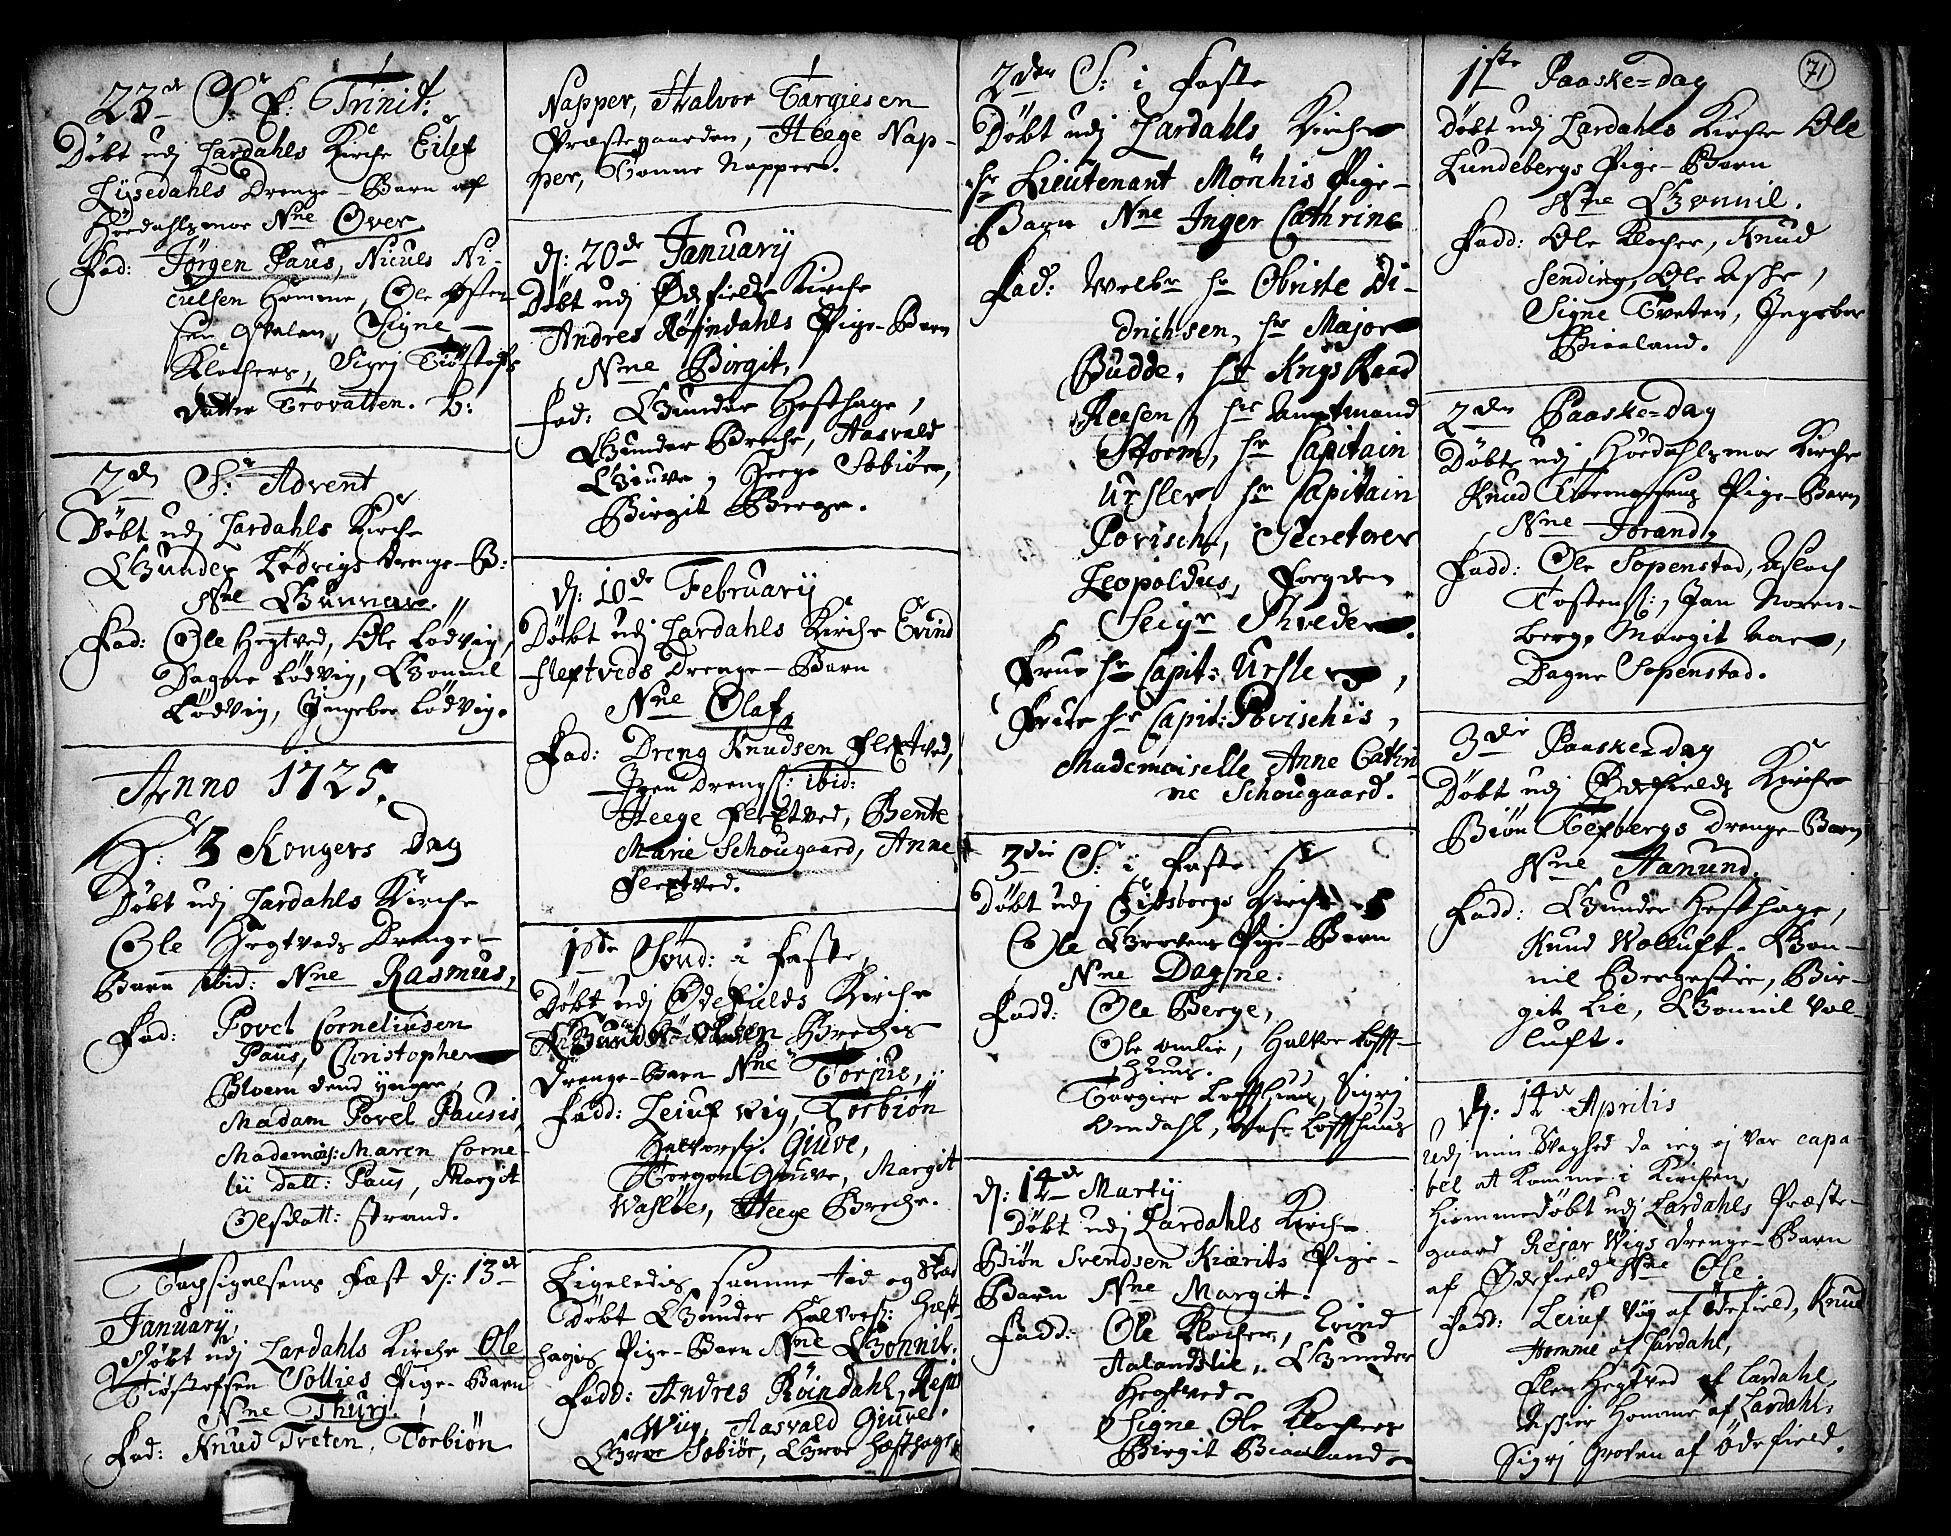 SAKO, Lårdal kirkebøker, F/Fa/L0001: Ministerialbok nr. I 1, 1721-1734, s. 71